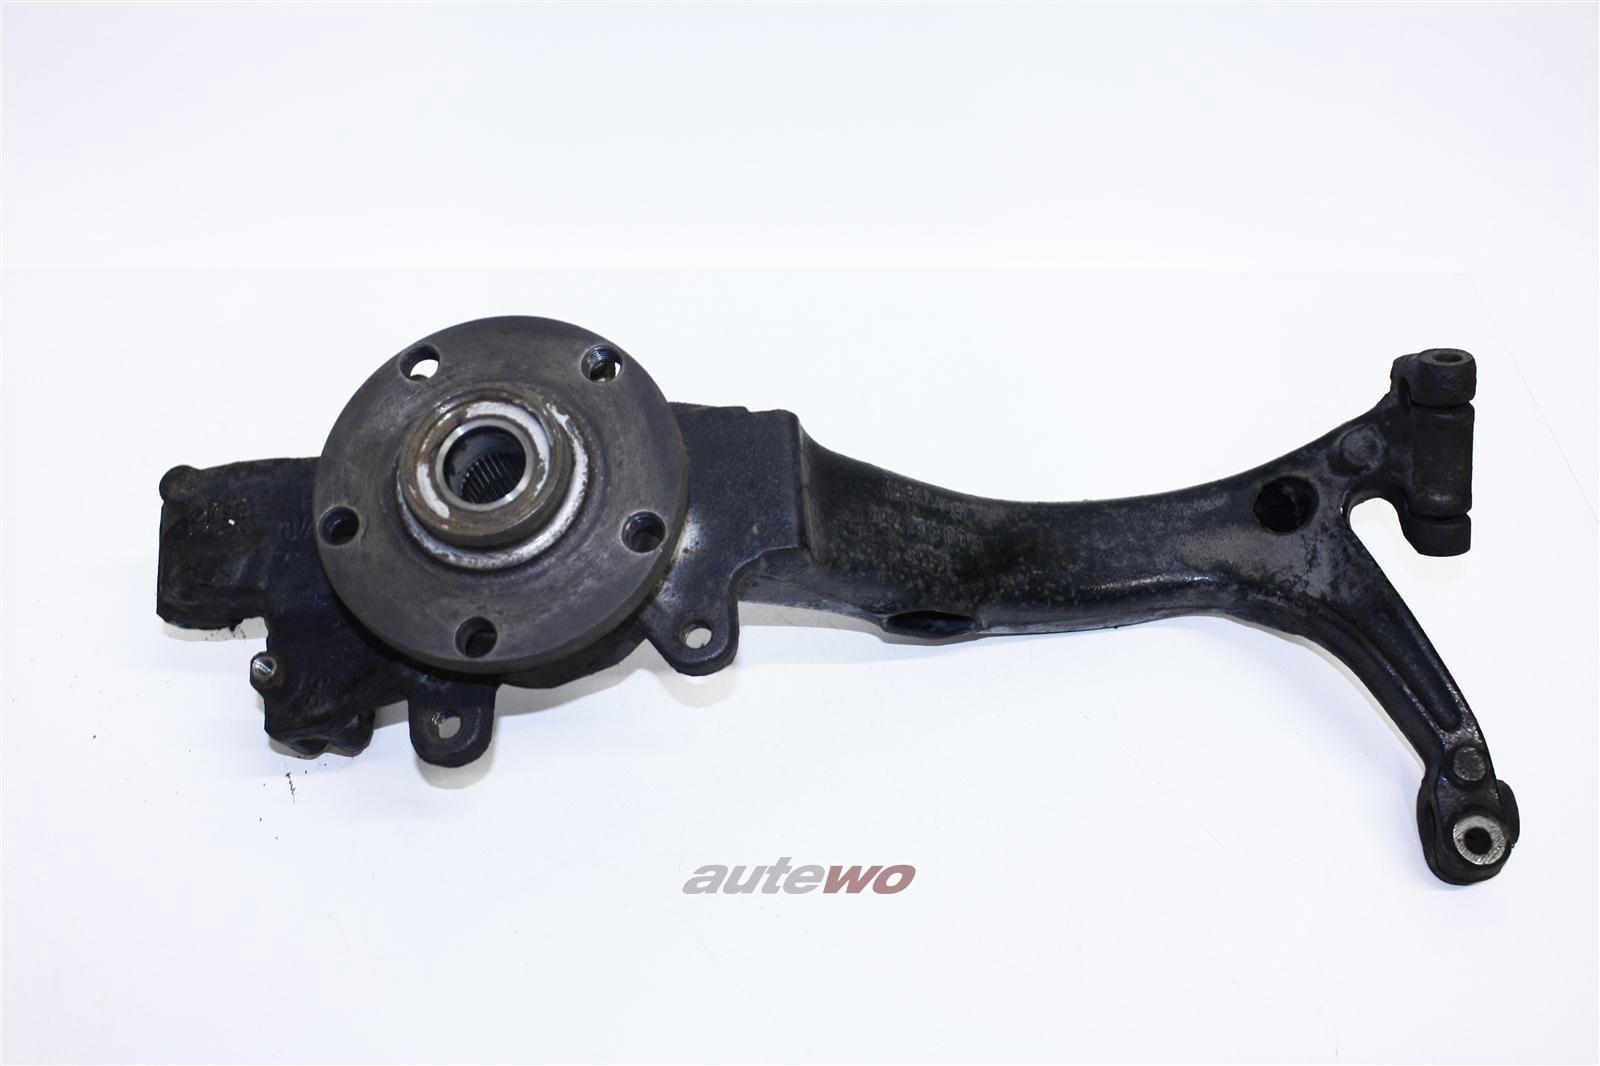 Audi A4 B5/A6 4B 4 Zyl. Radlagergehäuse 5x112 Vo. Li. 8D0407257AL & 8D0407615E